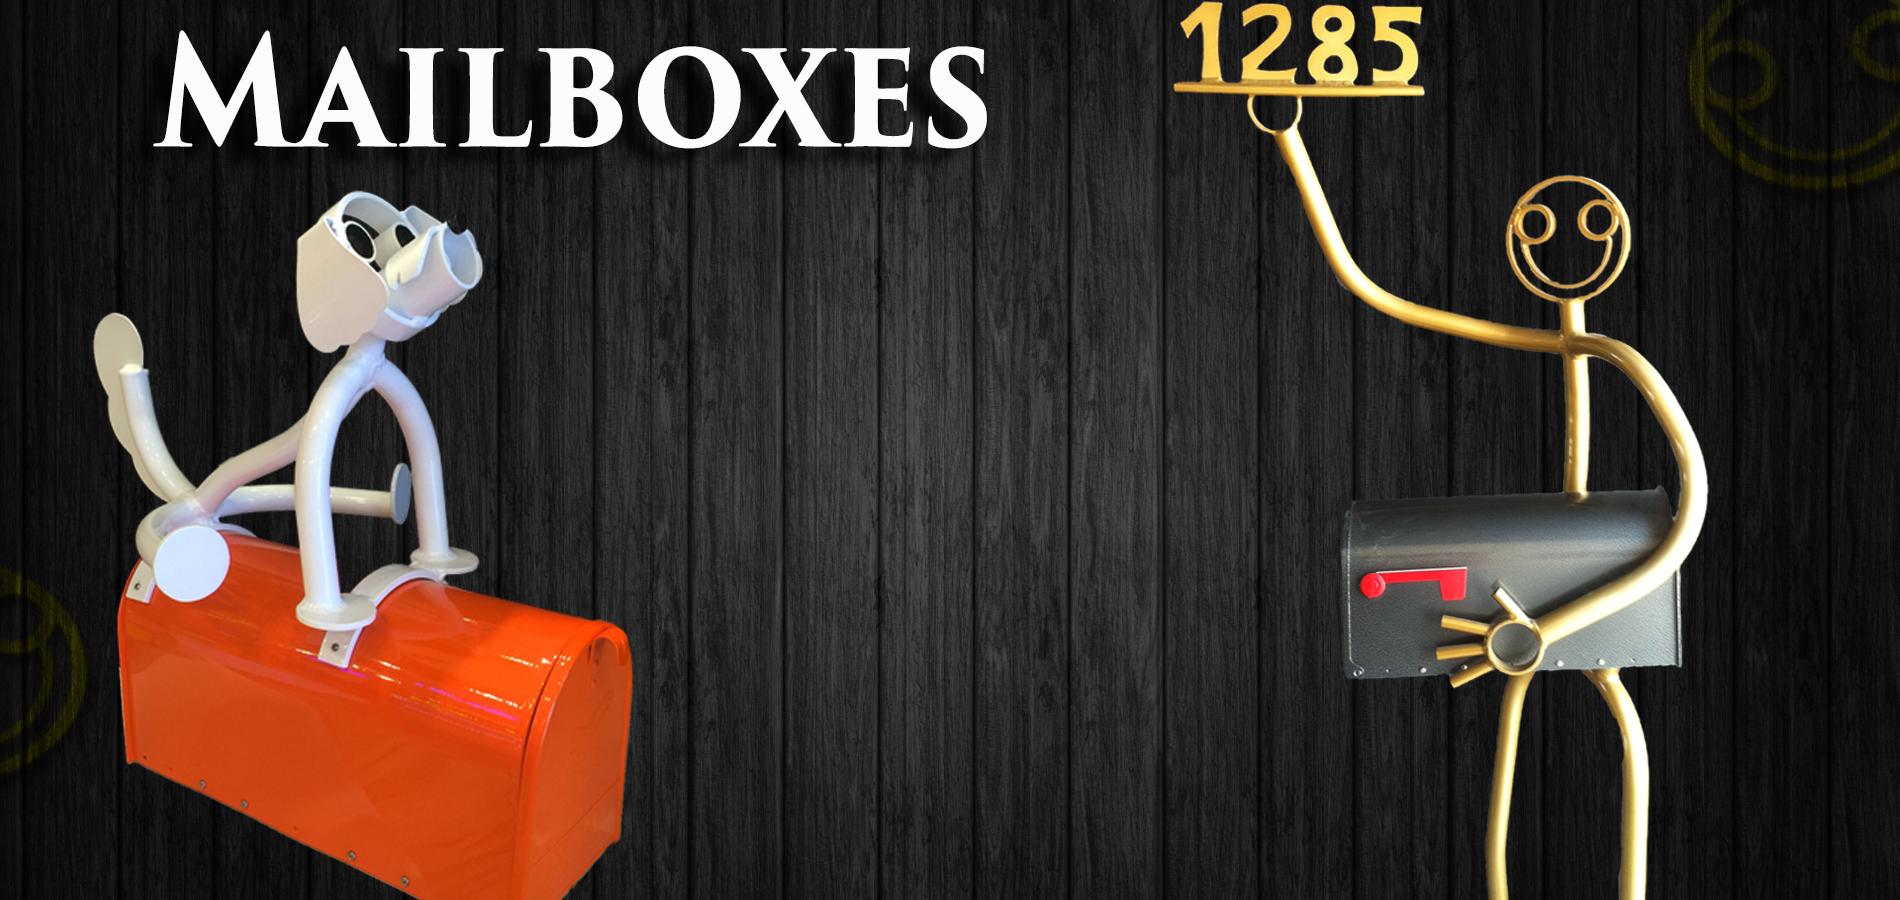 mailboxmain1900x900